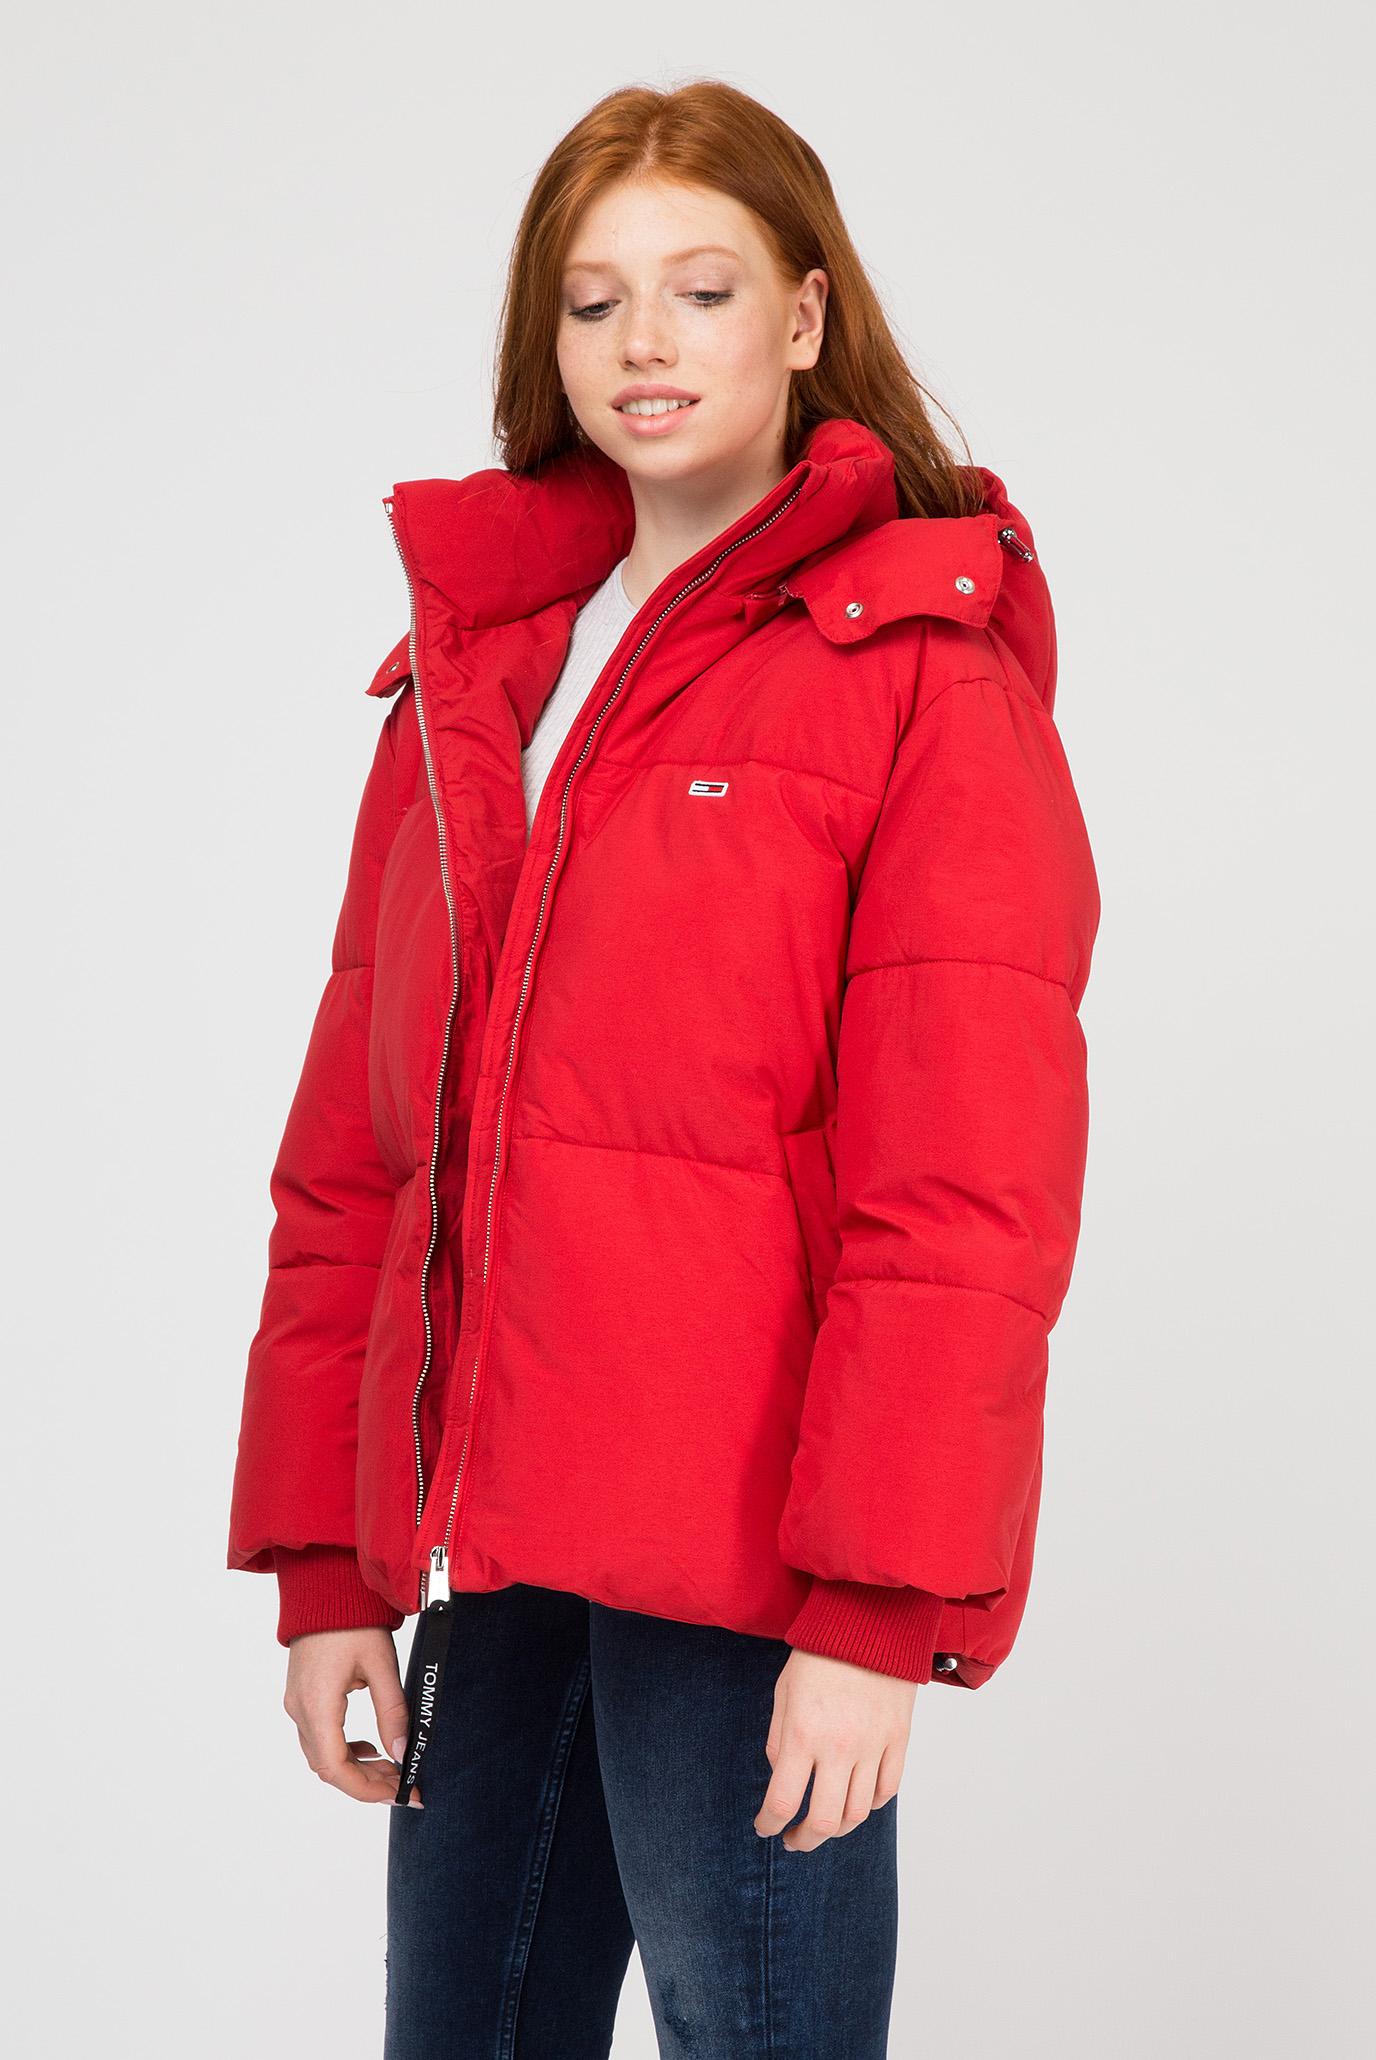 Купить Женская красная куртка Tommy Hilfiger Tommy Hilfiger DW0DW05183 – Киев, Украина. Цены в интернет магазине MD Fashion